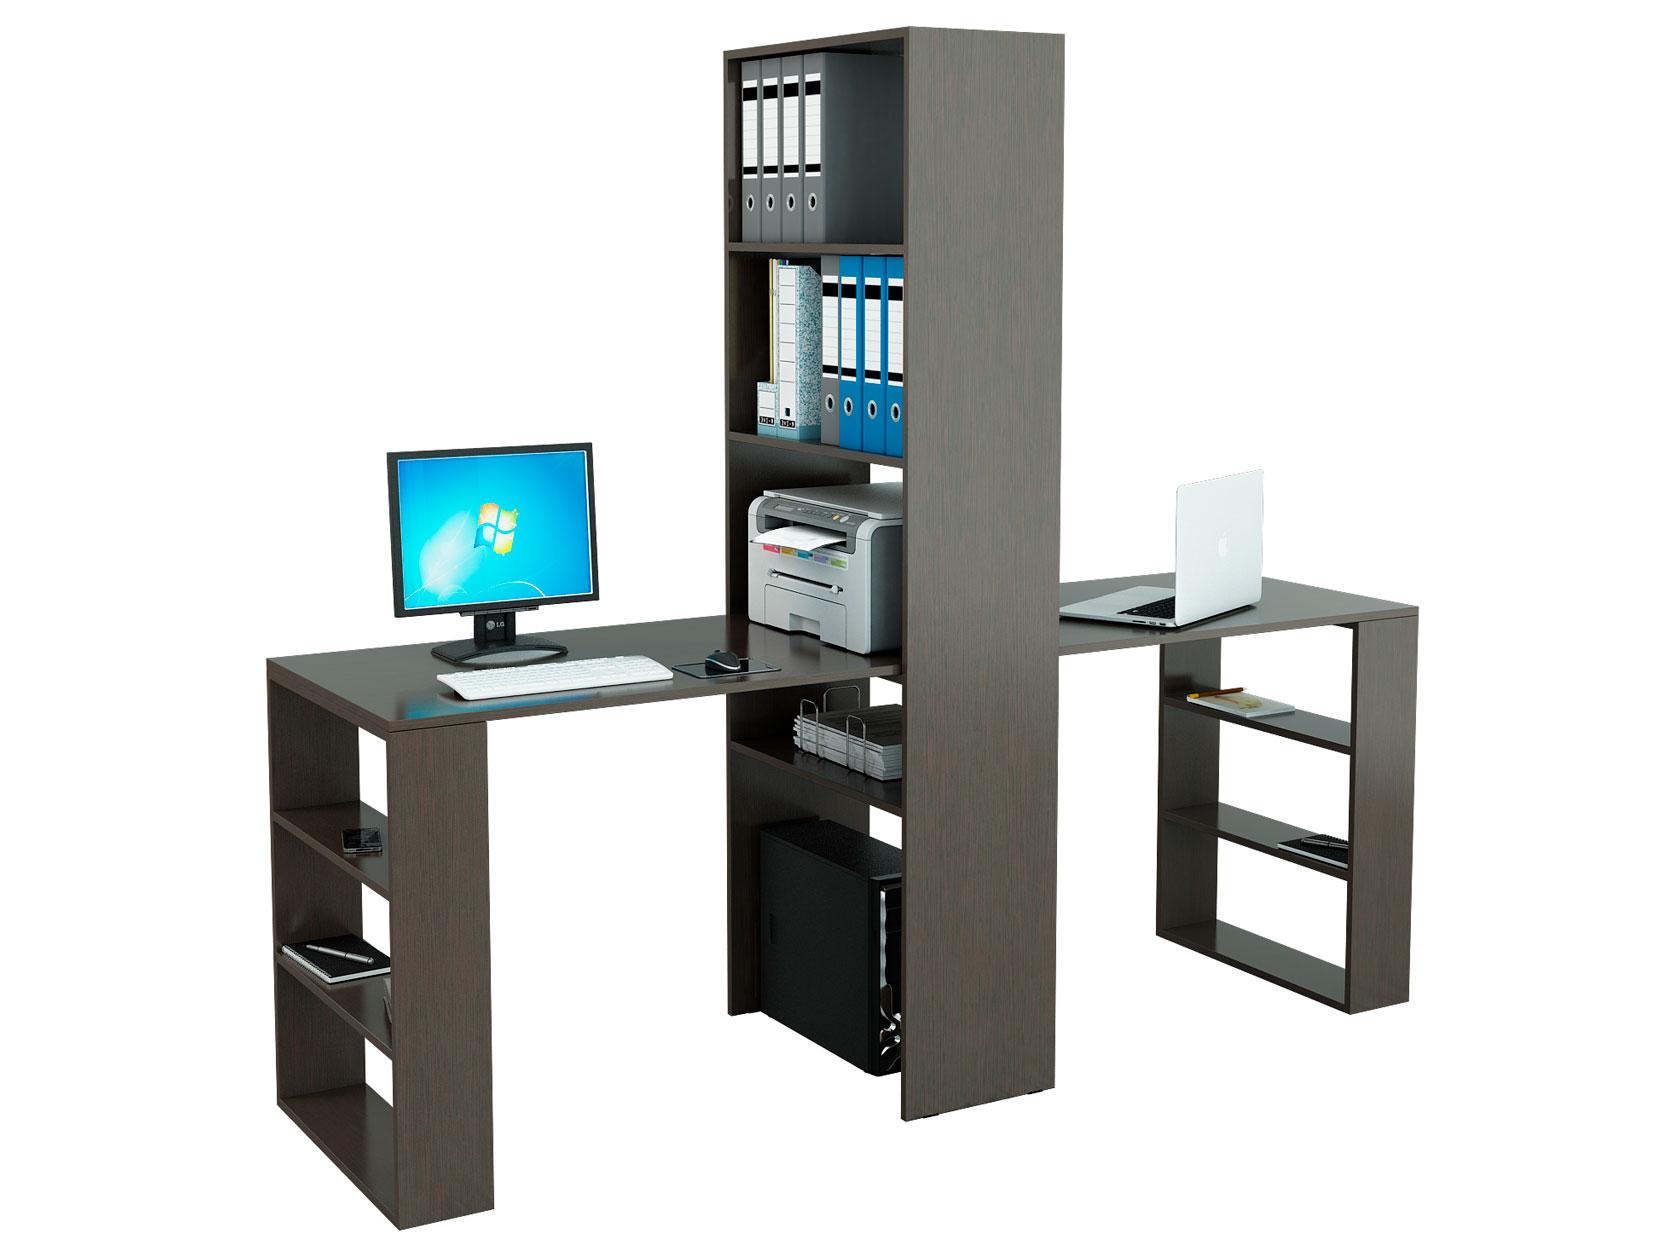 Компьютерный стол со стеллажом МФ Мастер Рикс-4 + 2 шт. Рикс-5 Венге